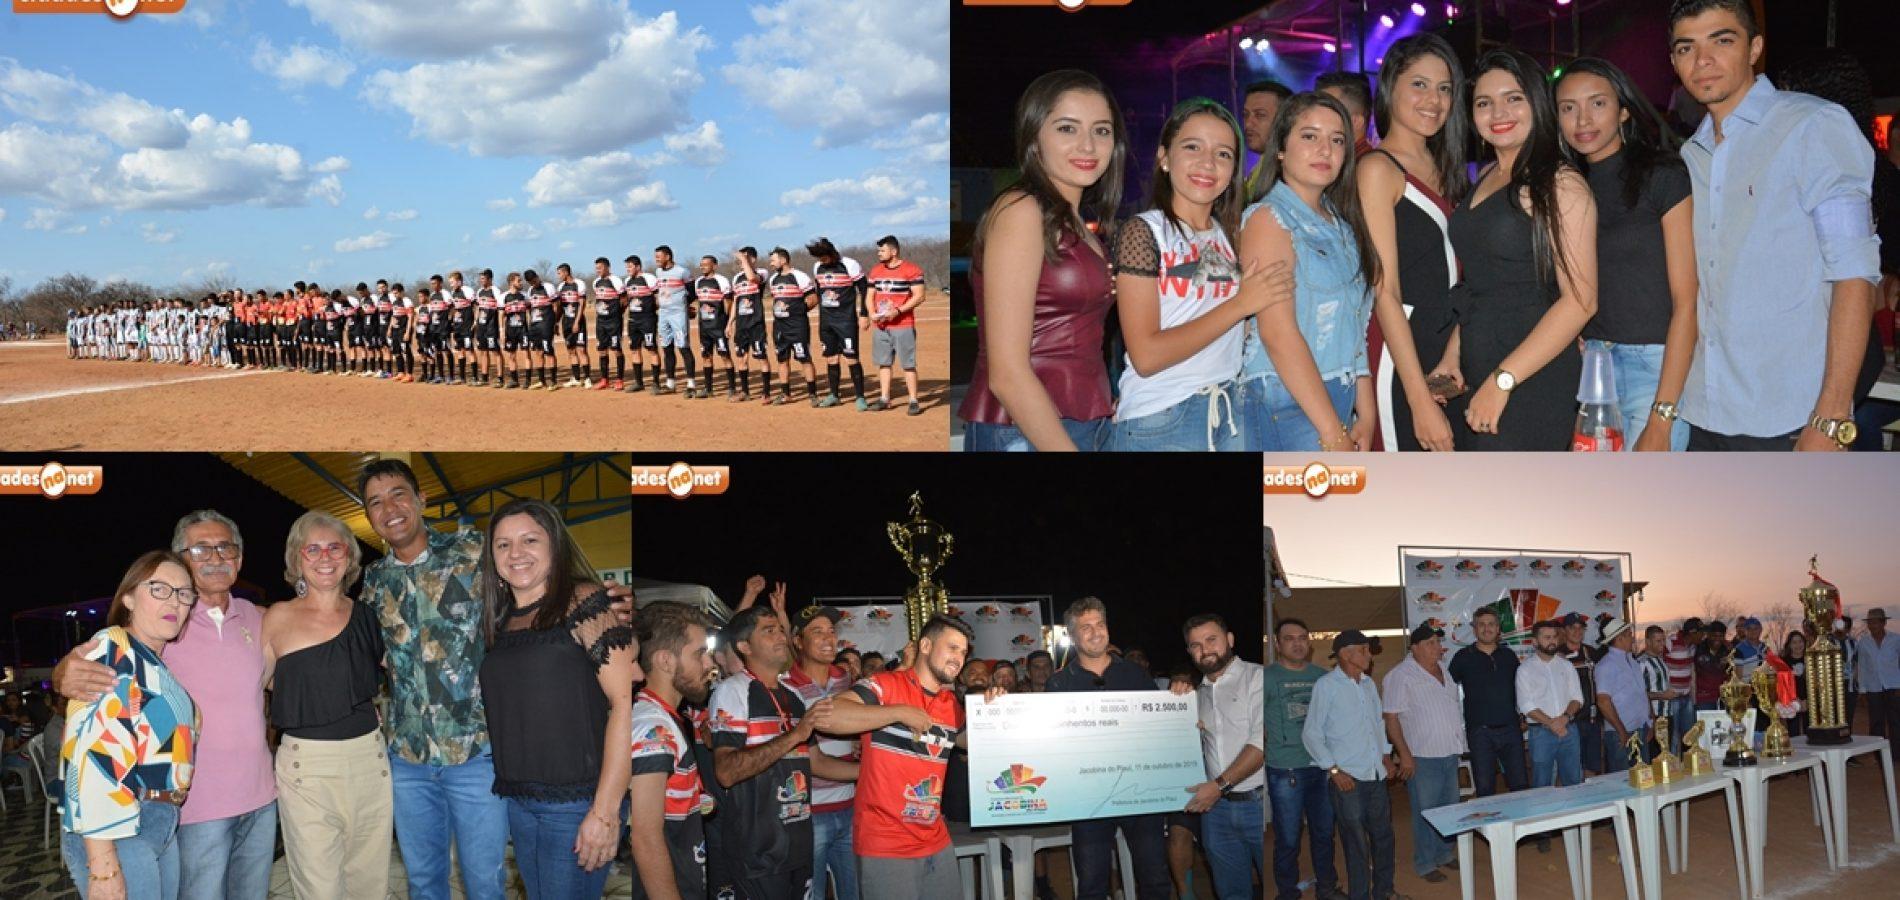 Veja as fotosda final do 14º Campeonato de Futebol e dos shows dos festejos de Jacobina do PI